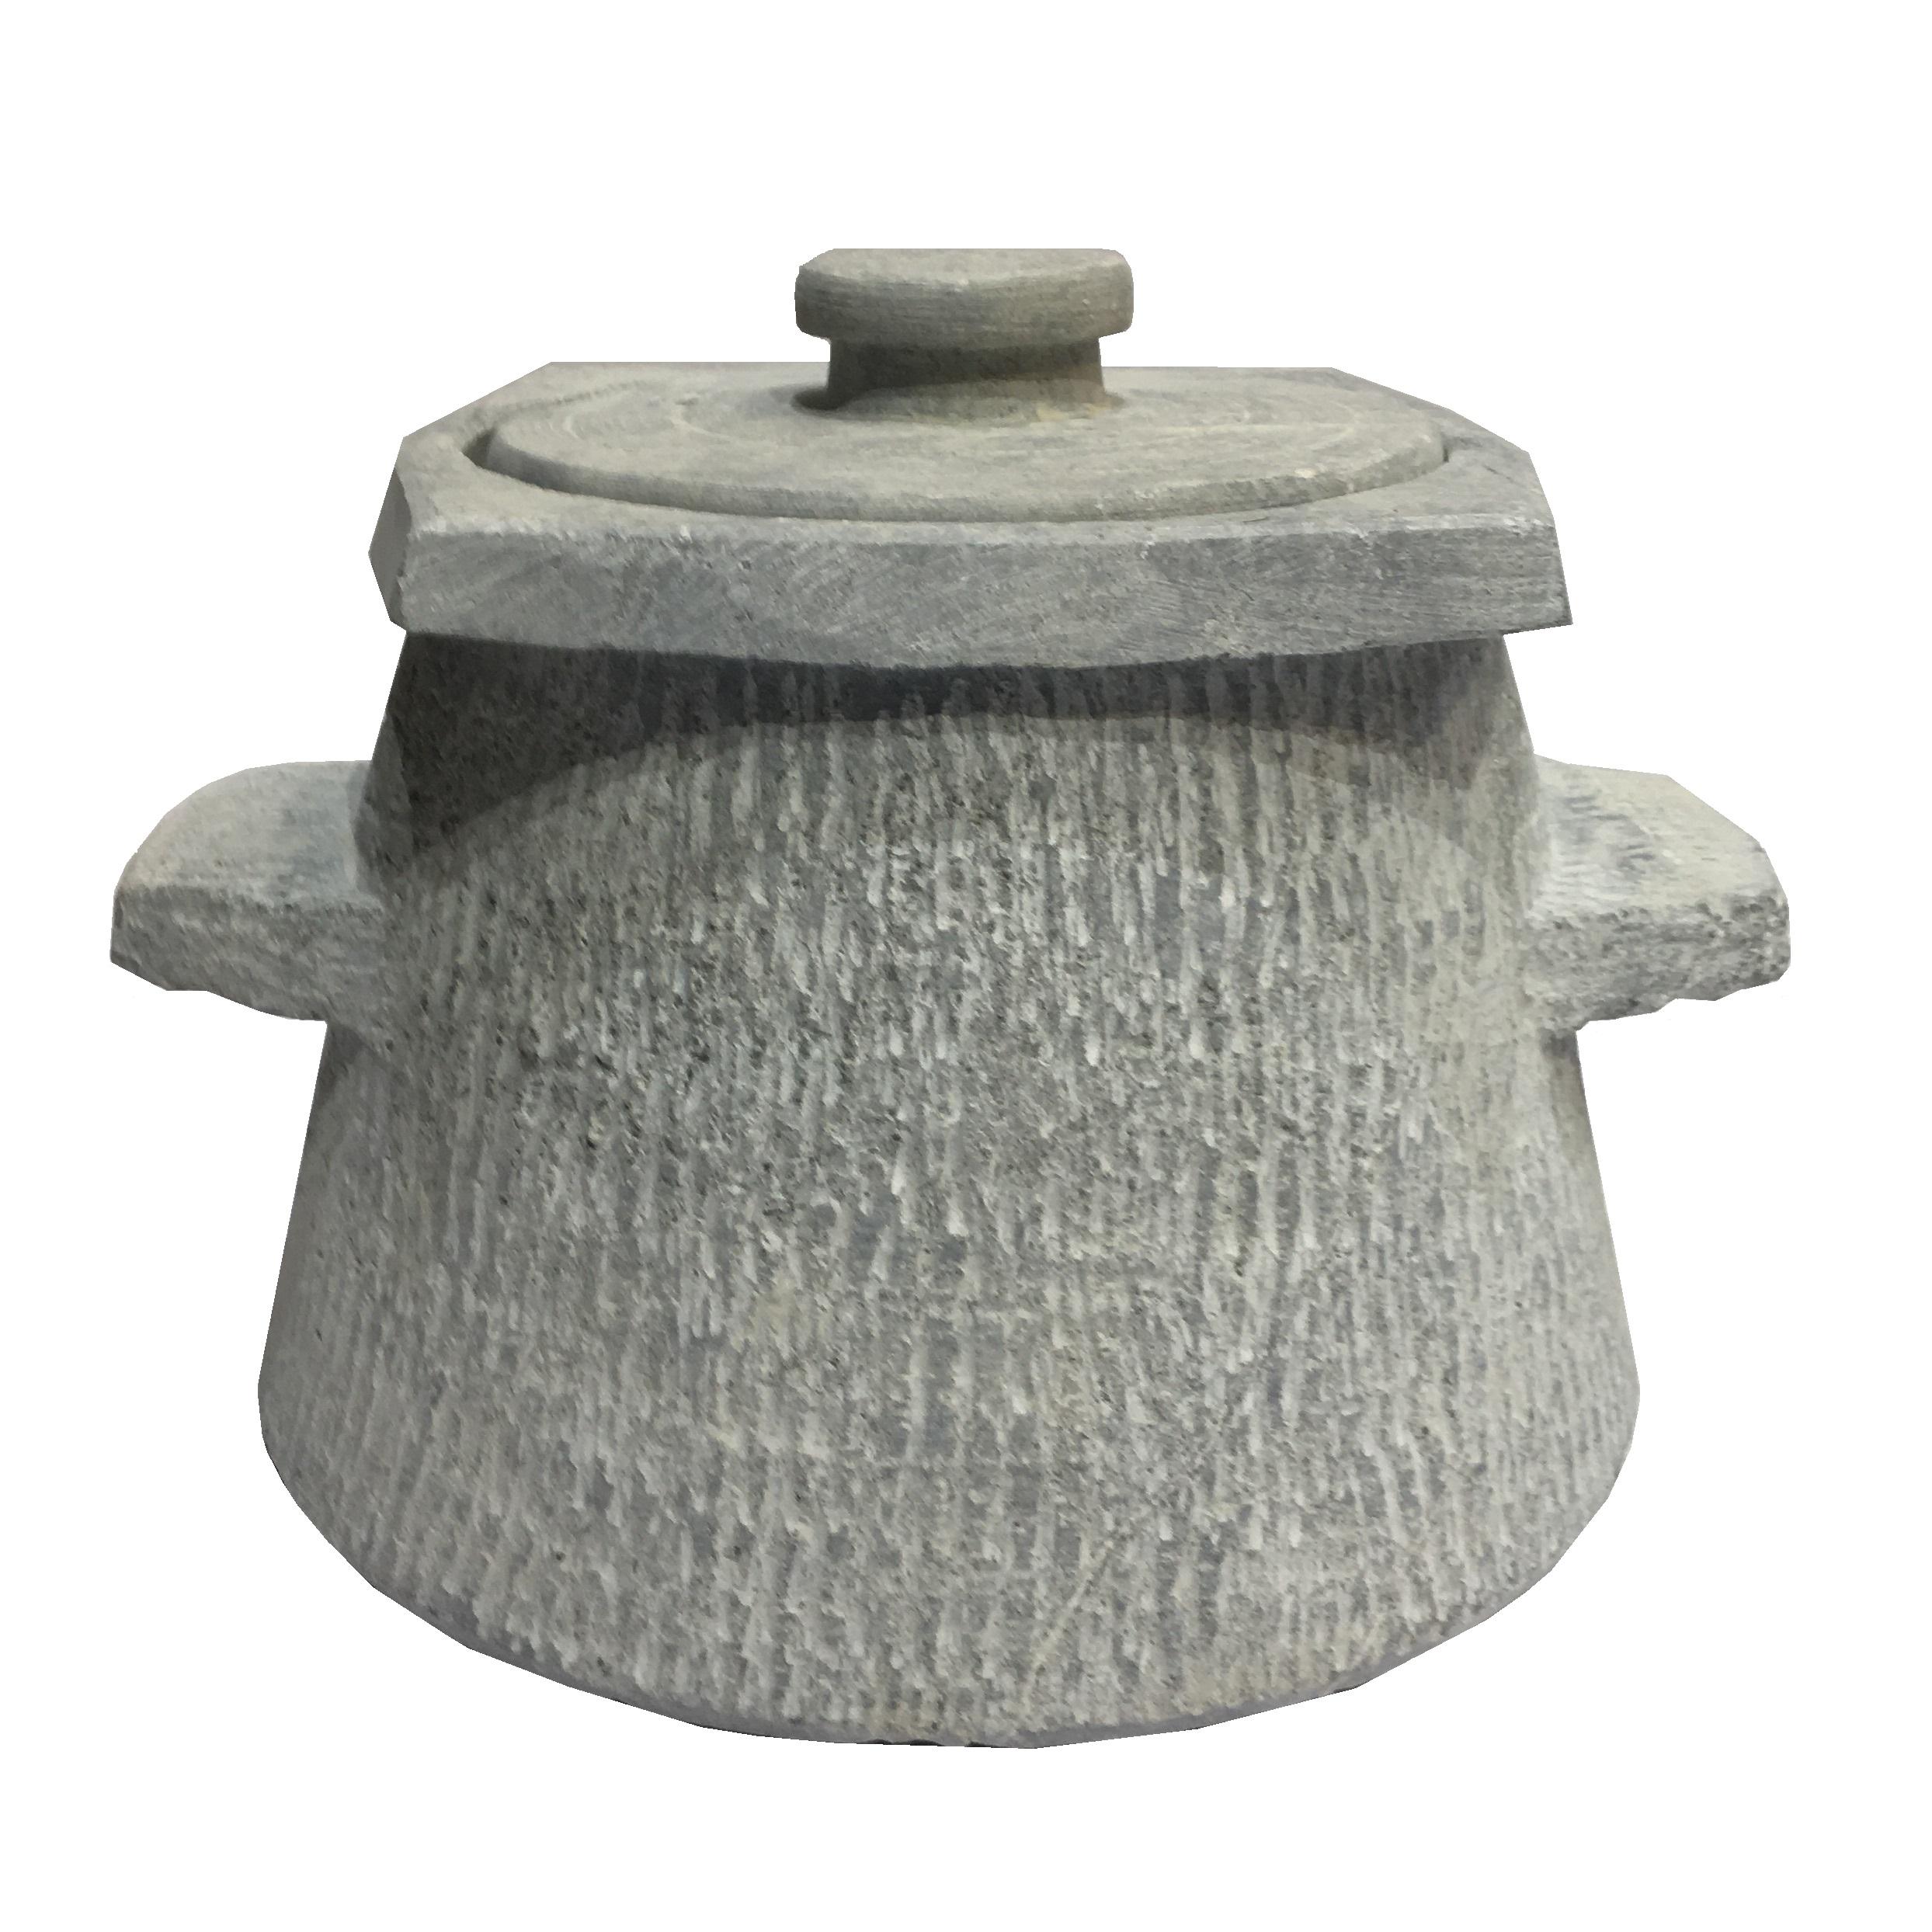 خرید                      ظرف دیزی سنگی مدل تیشه ای کد DZT0808